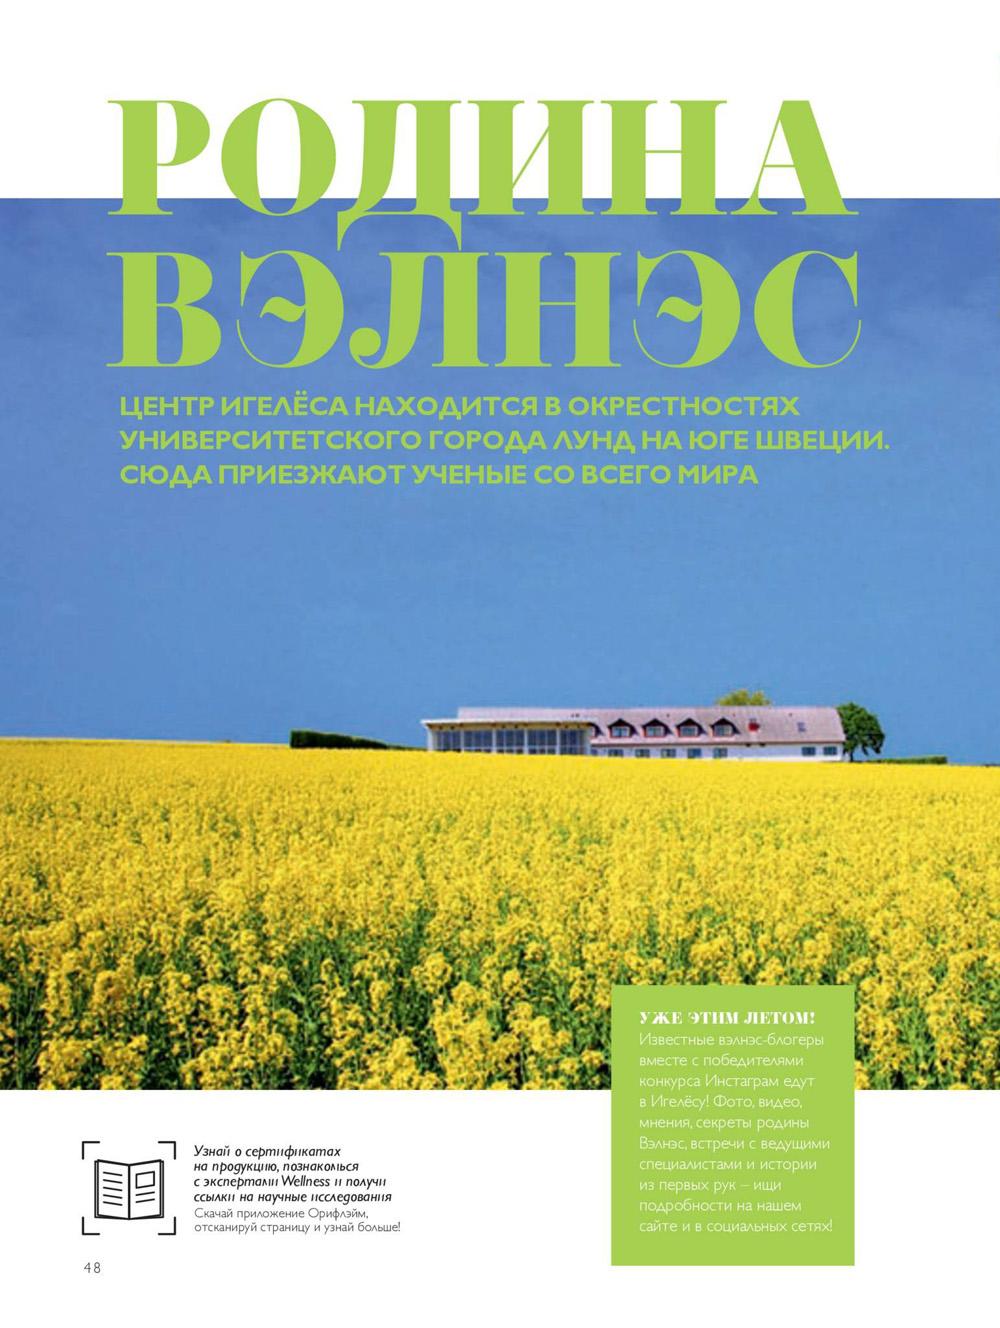 Старица 48, книга красоты Орифлейм Лето 2018, Россия